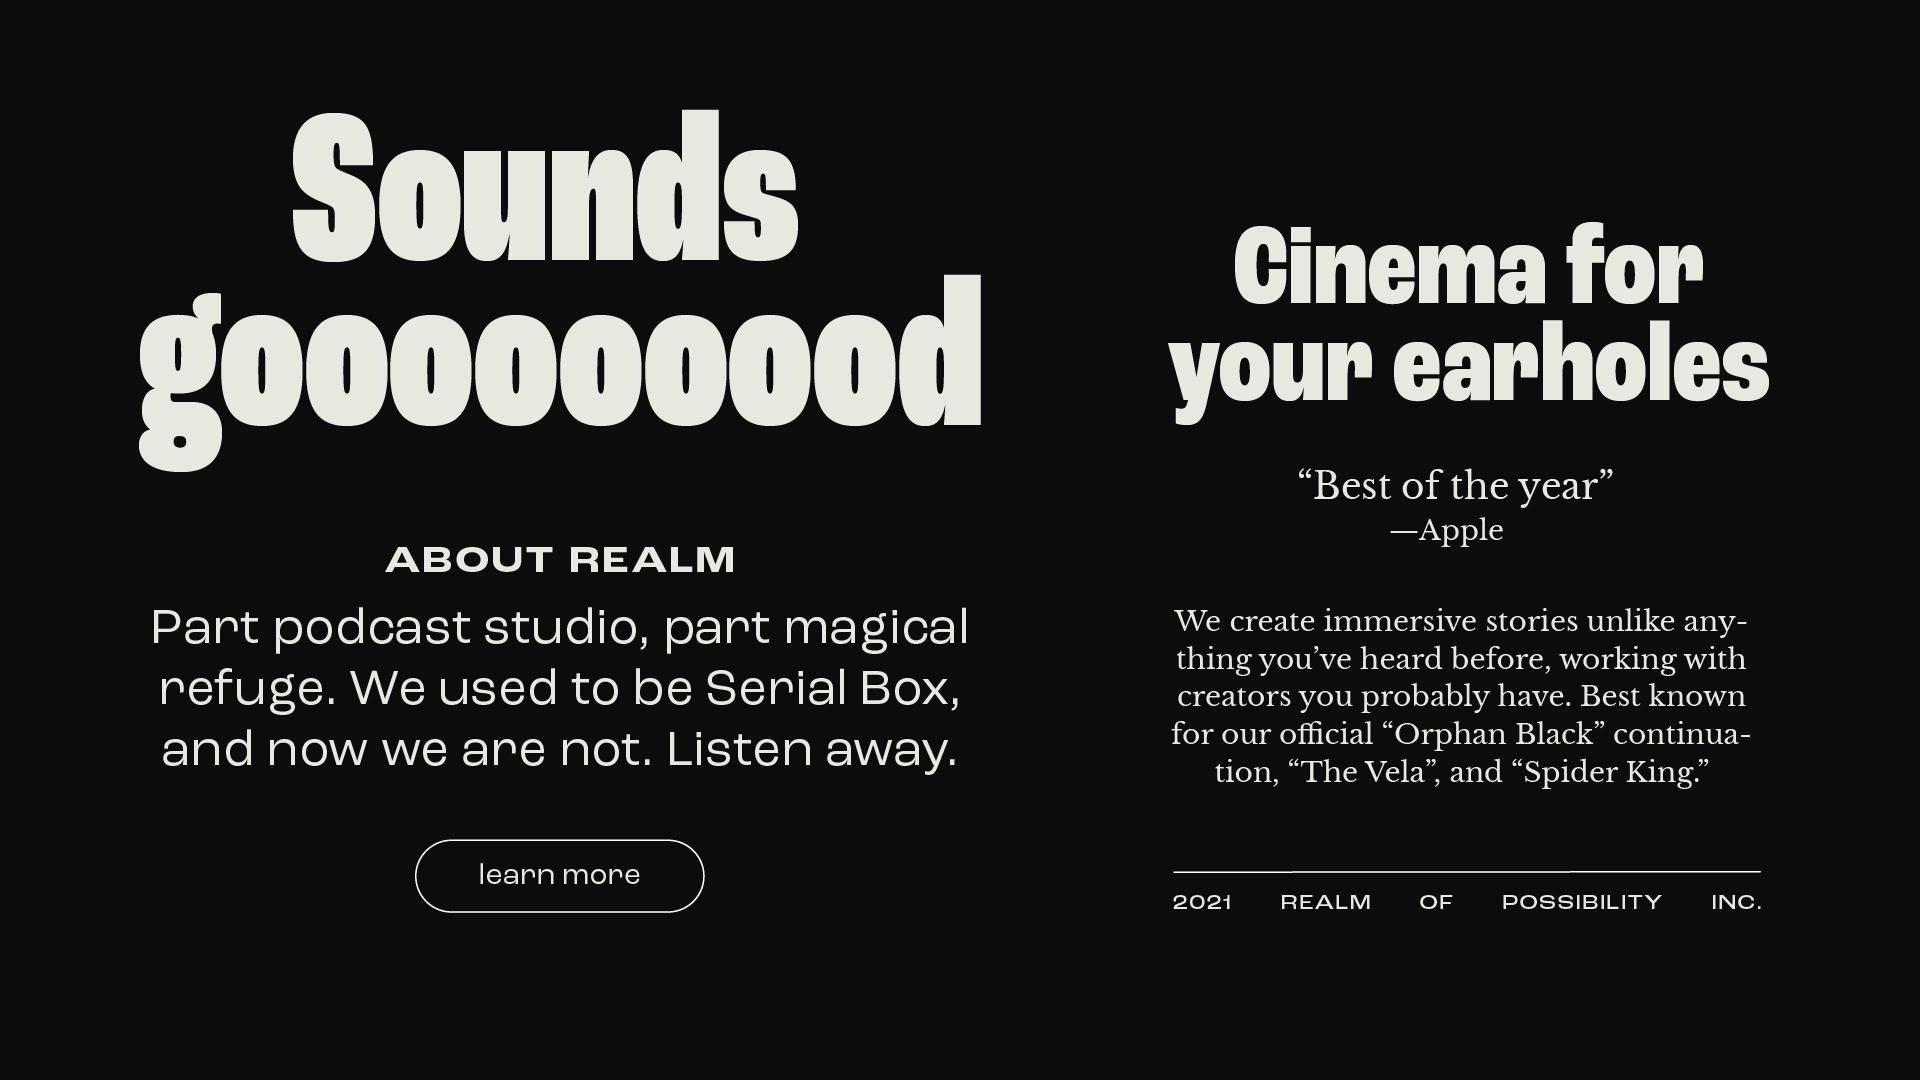 Realm retro typography